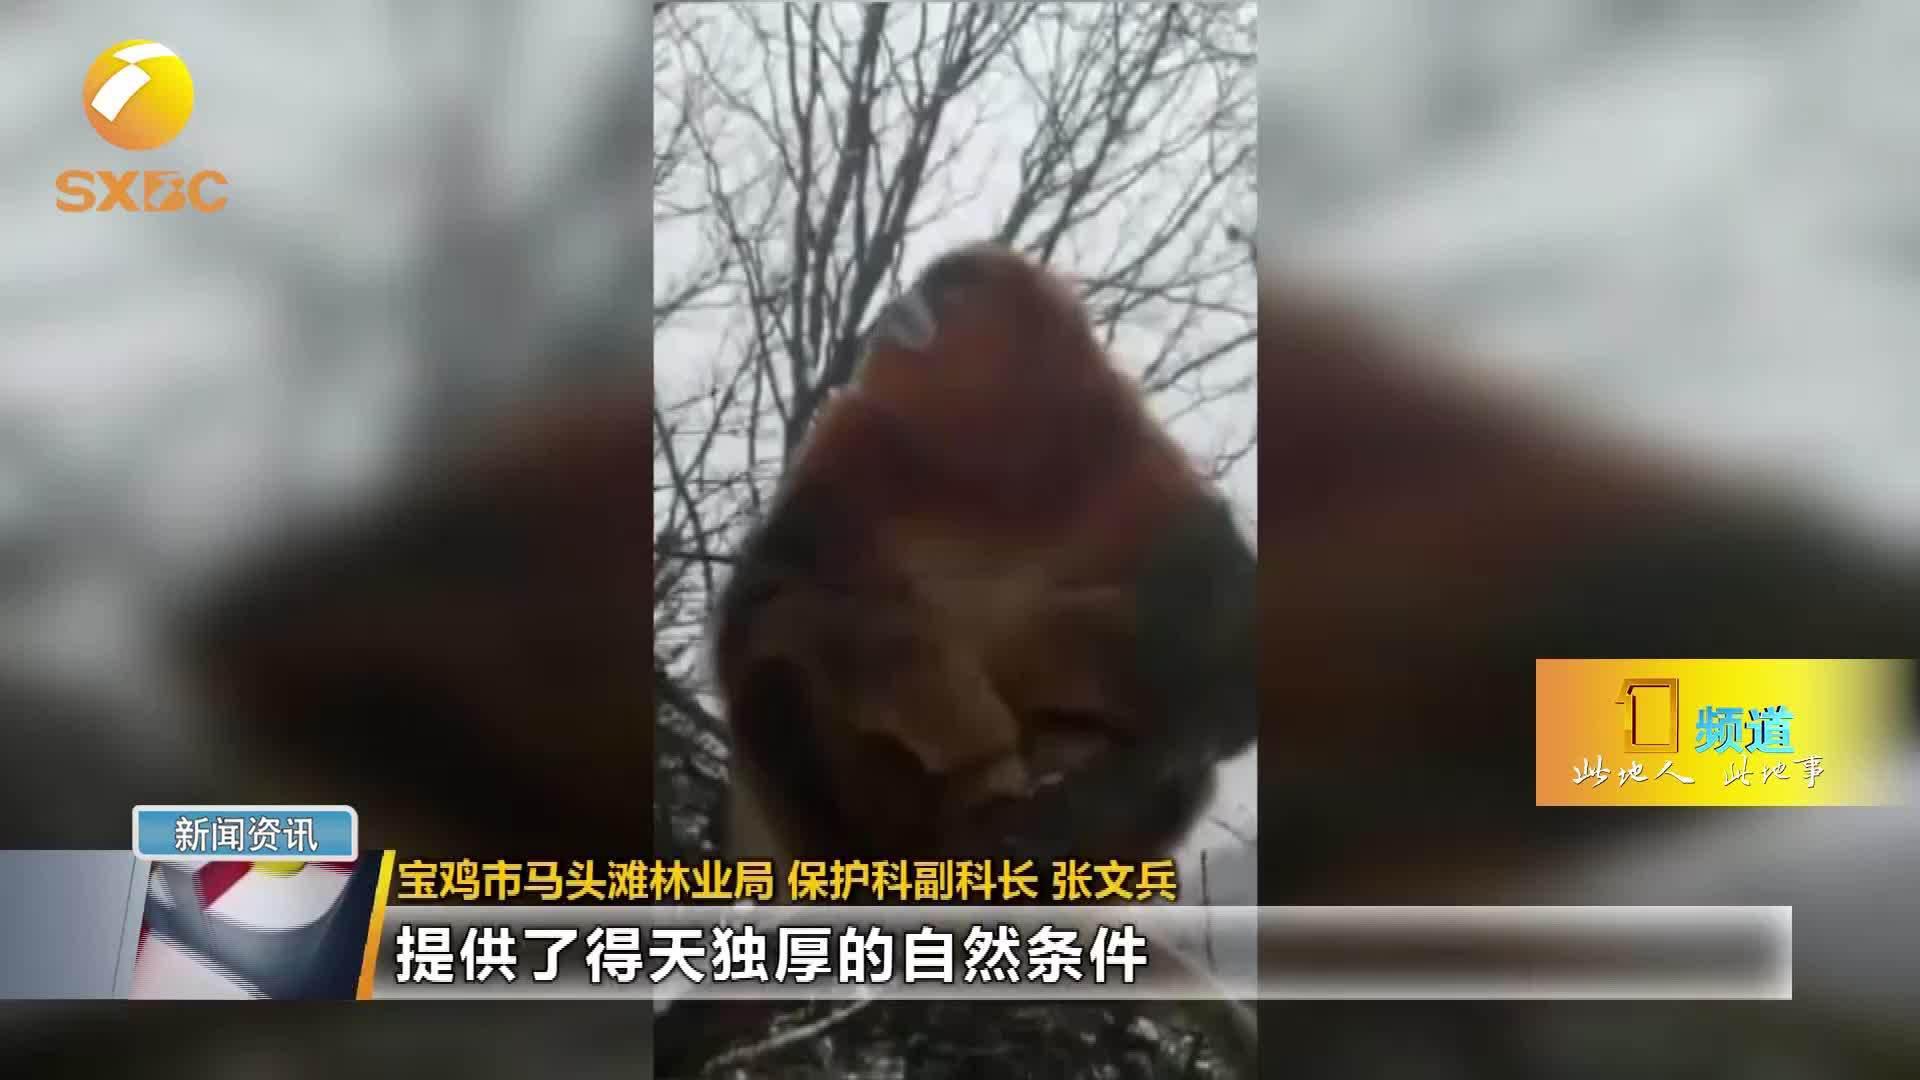 西安今冬初雪退场 陕南未来四天仍有雨雪天气 11月23日…………